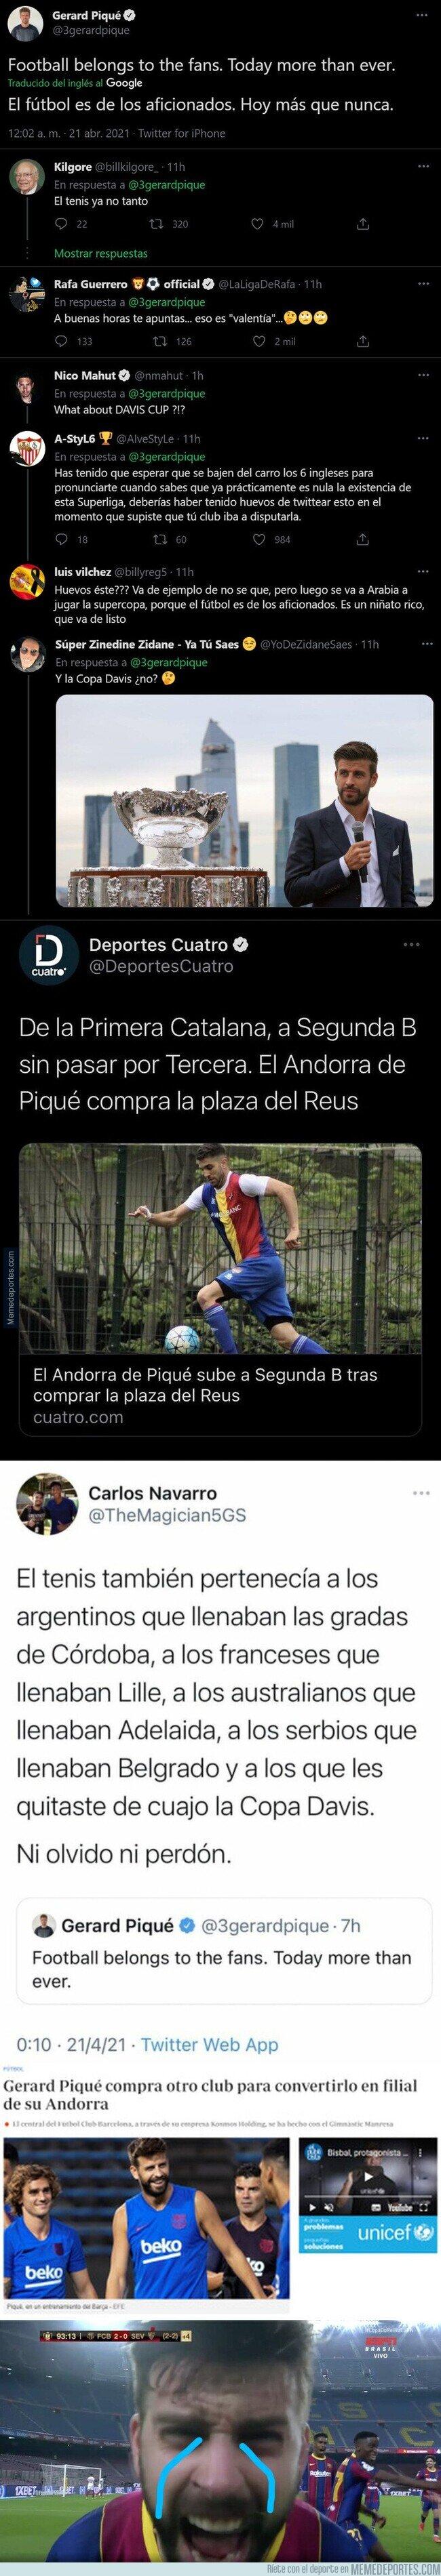 1133275 - Piqué está recibiendo h*stias de todo el mundo en forma de respuestas tras escribir este mensaje sobre la Superliga por su hipocresía